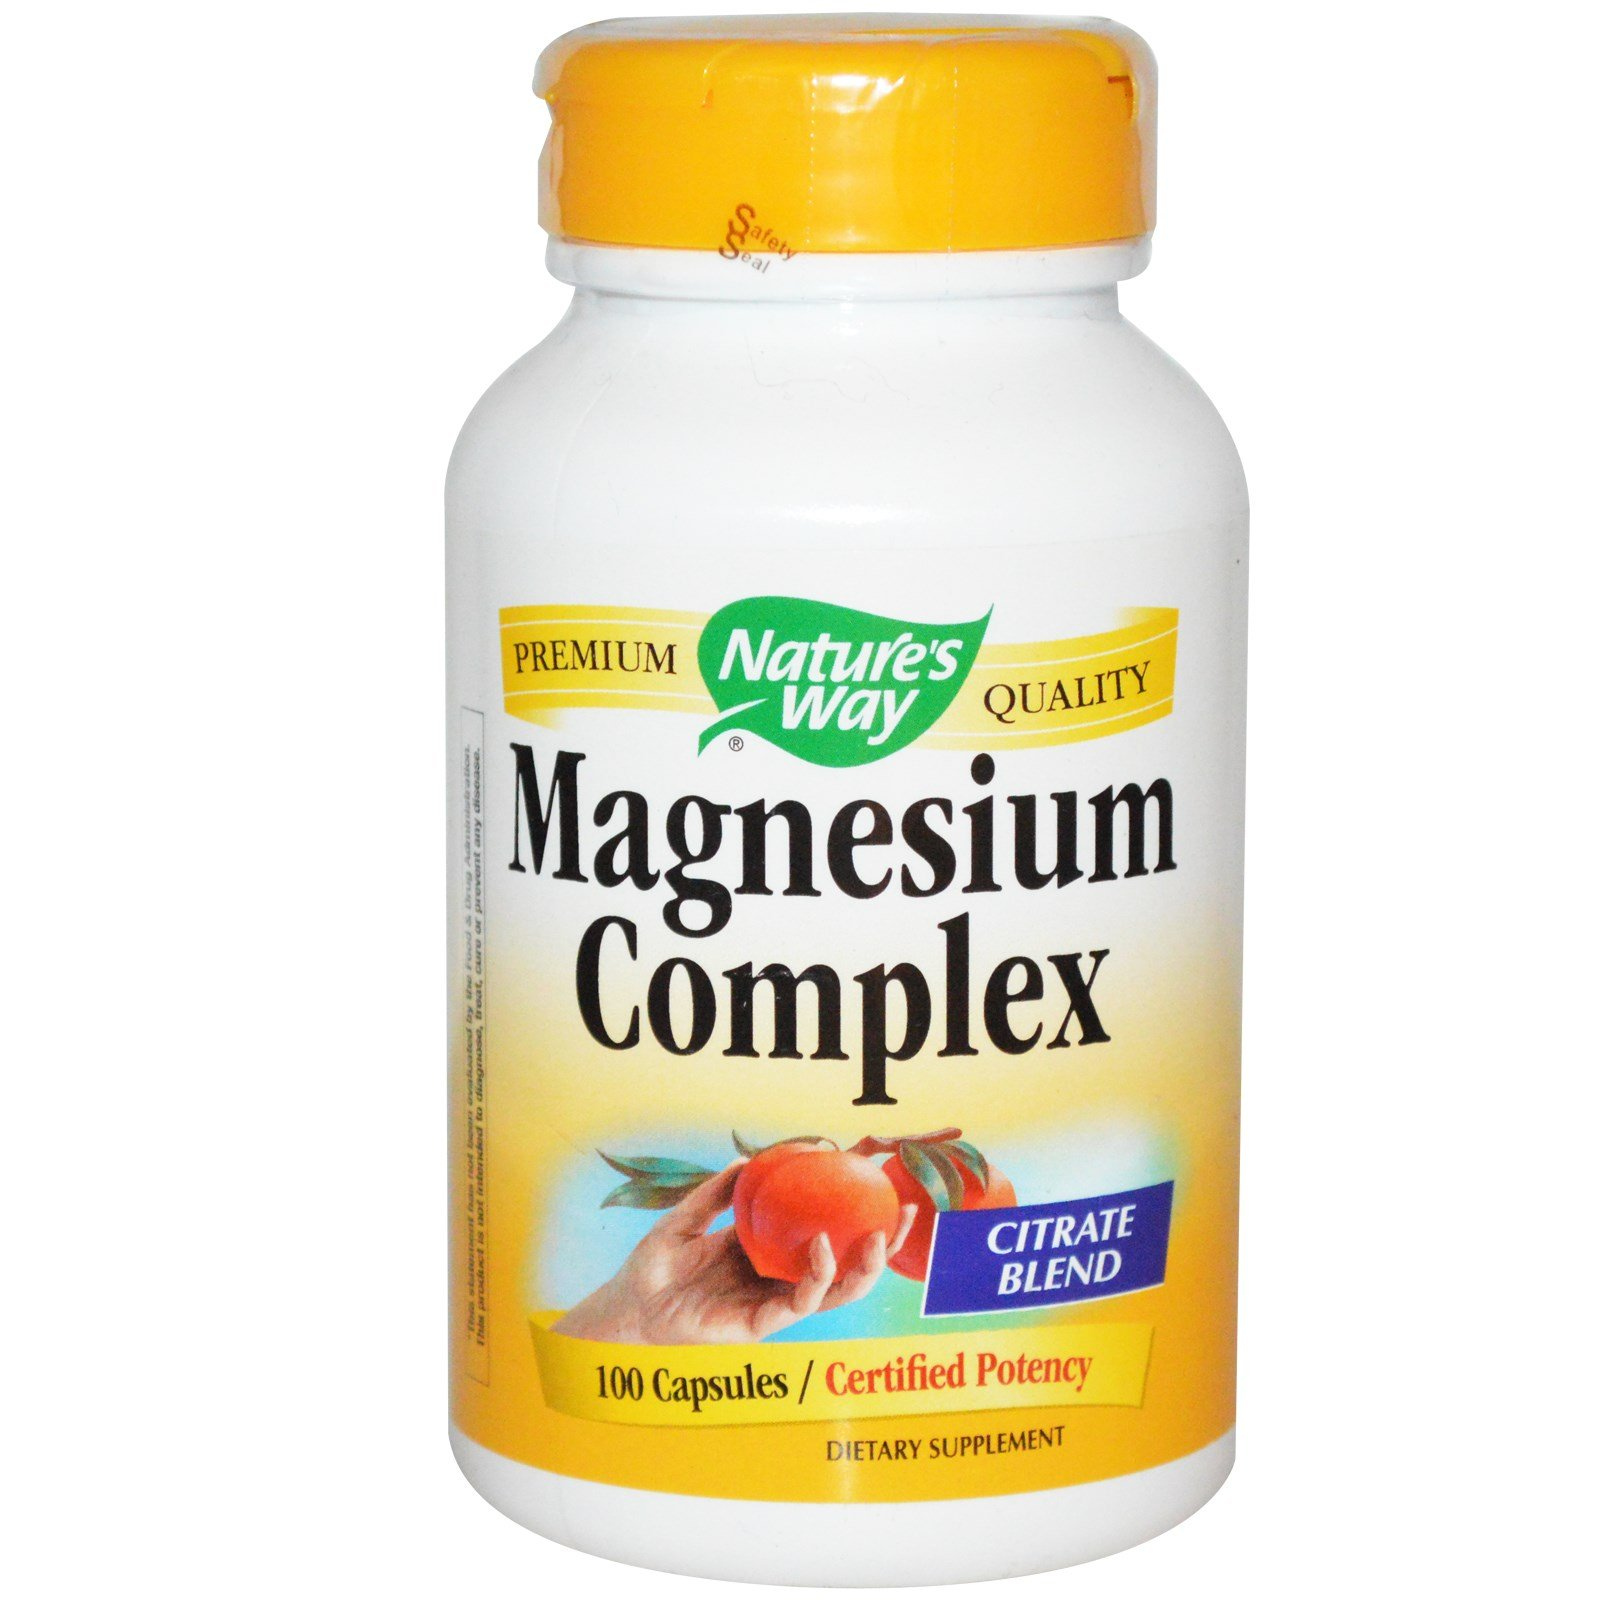 Nature's Way Magnesium,500 mg, 100 Capsules